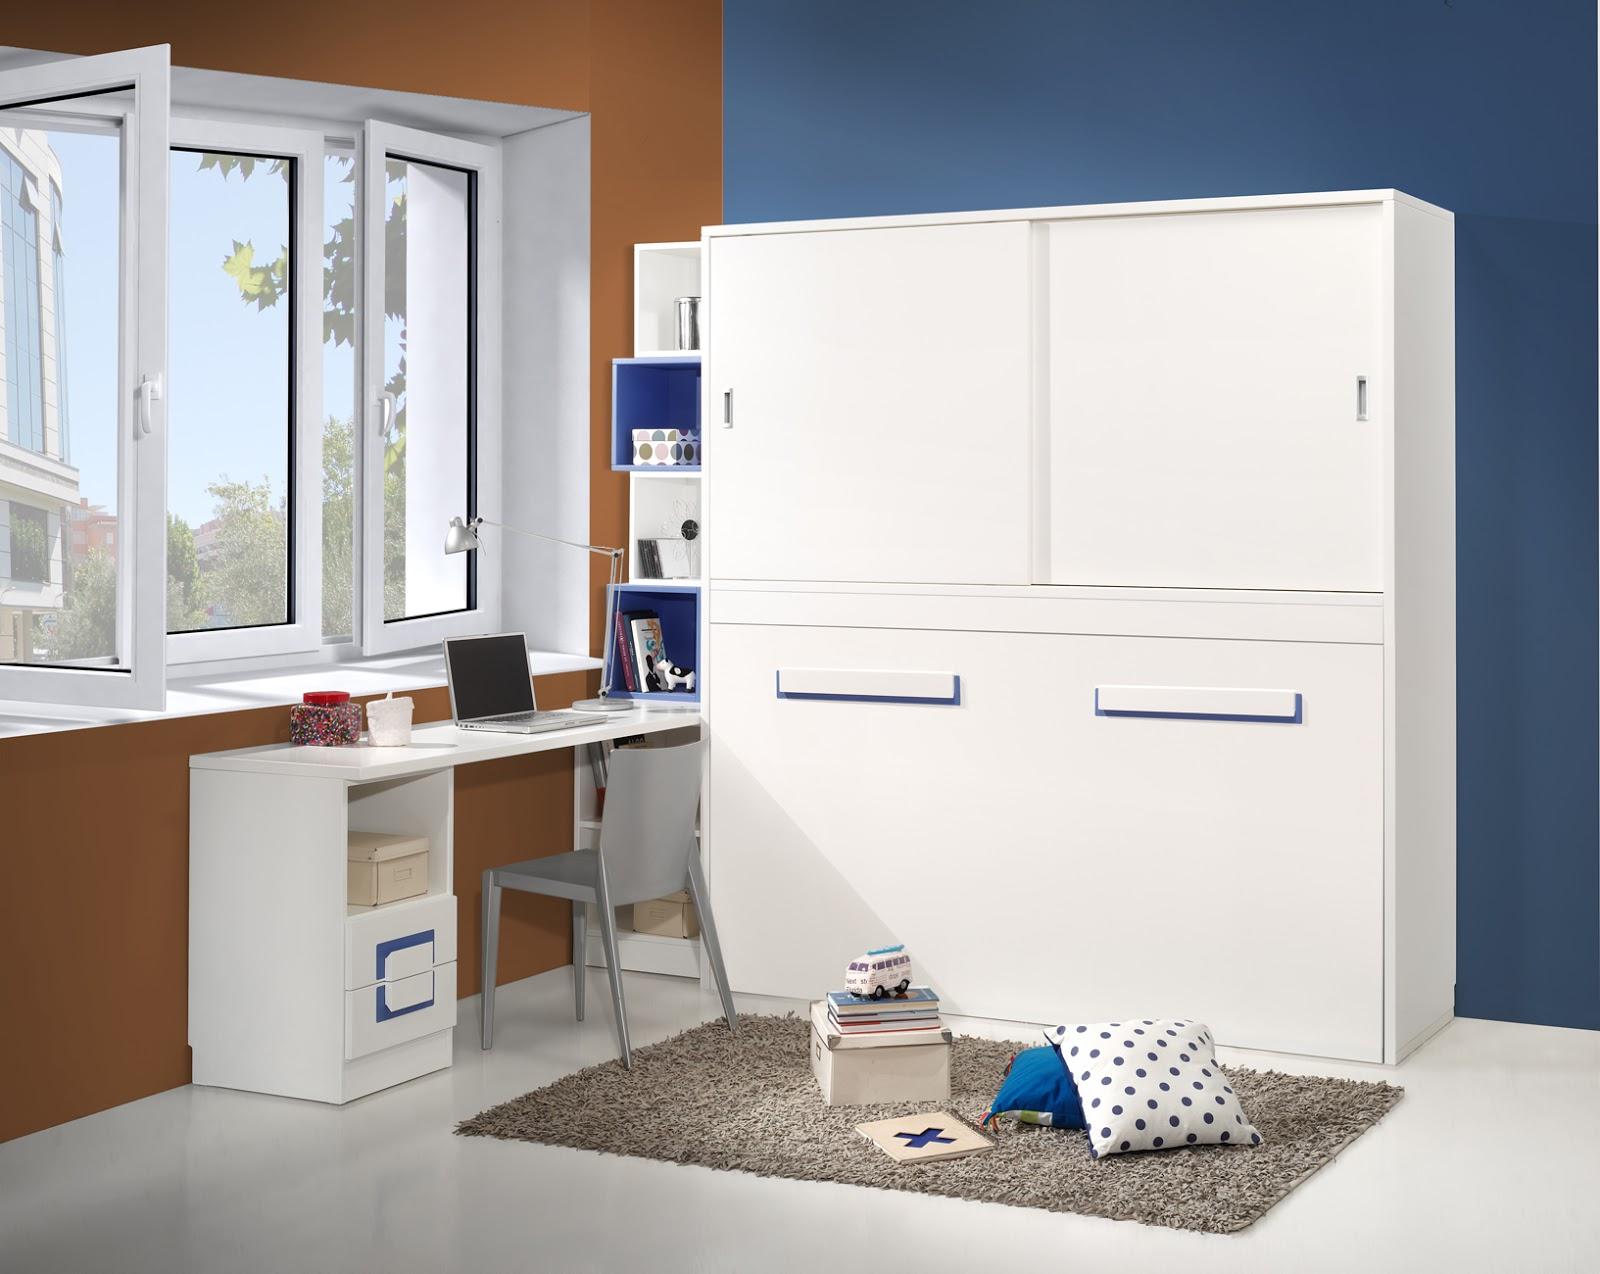 Dormitorios juveniles madrid dormitorios juveniles - Dormitorios infantiles madrid ...